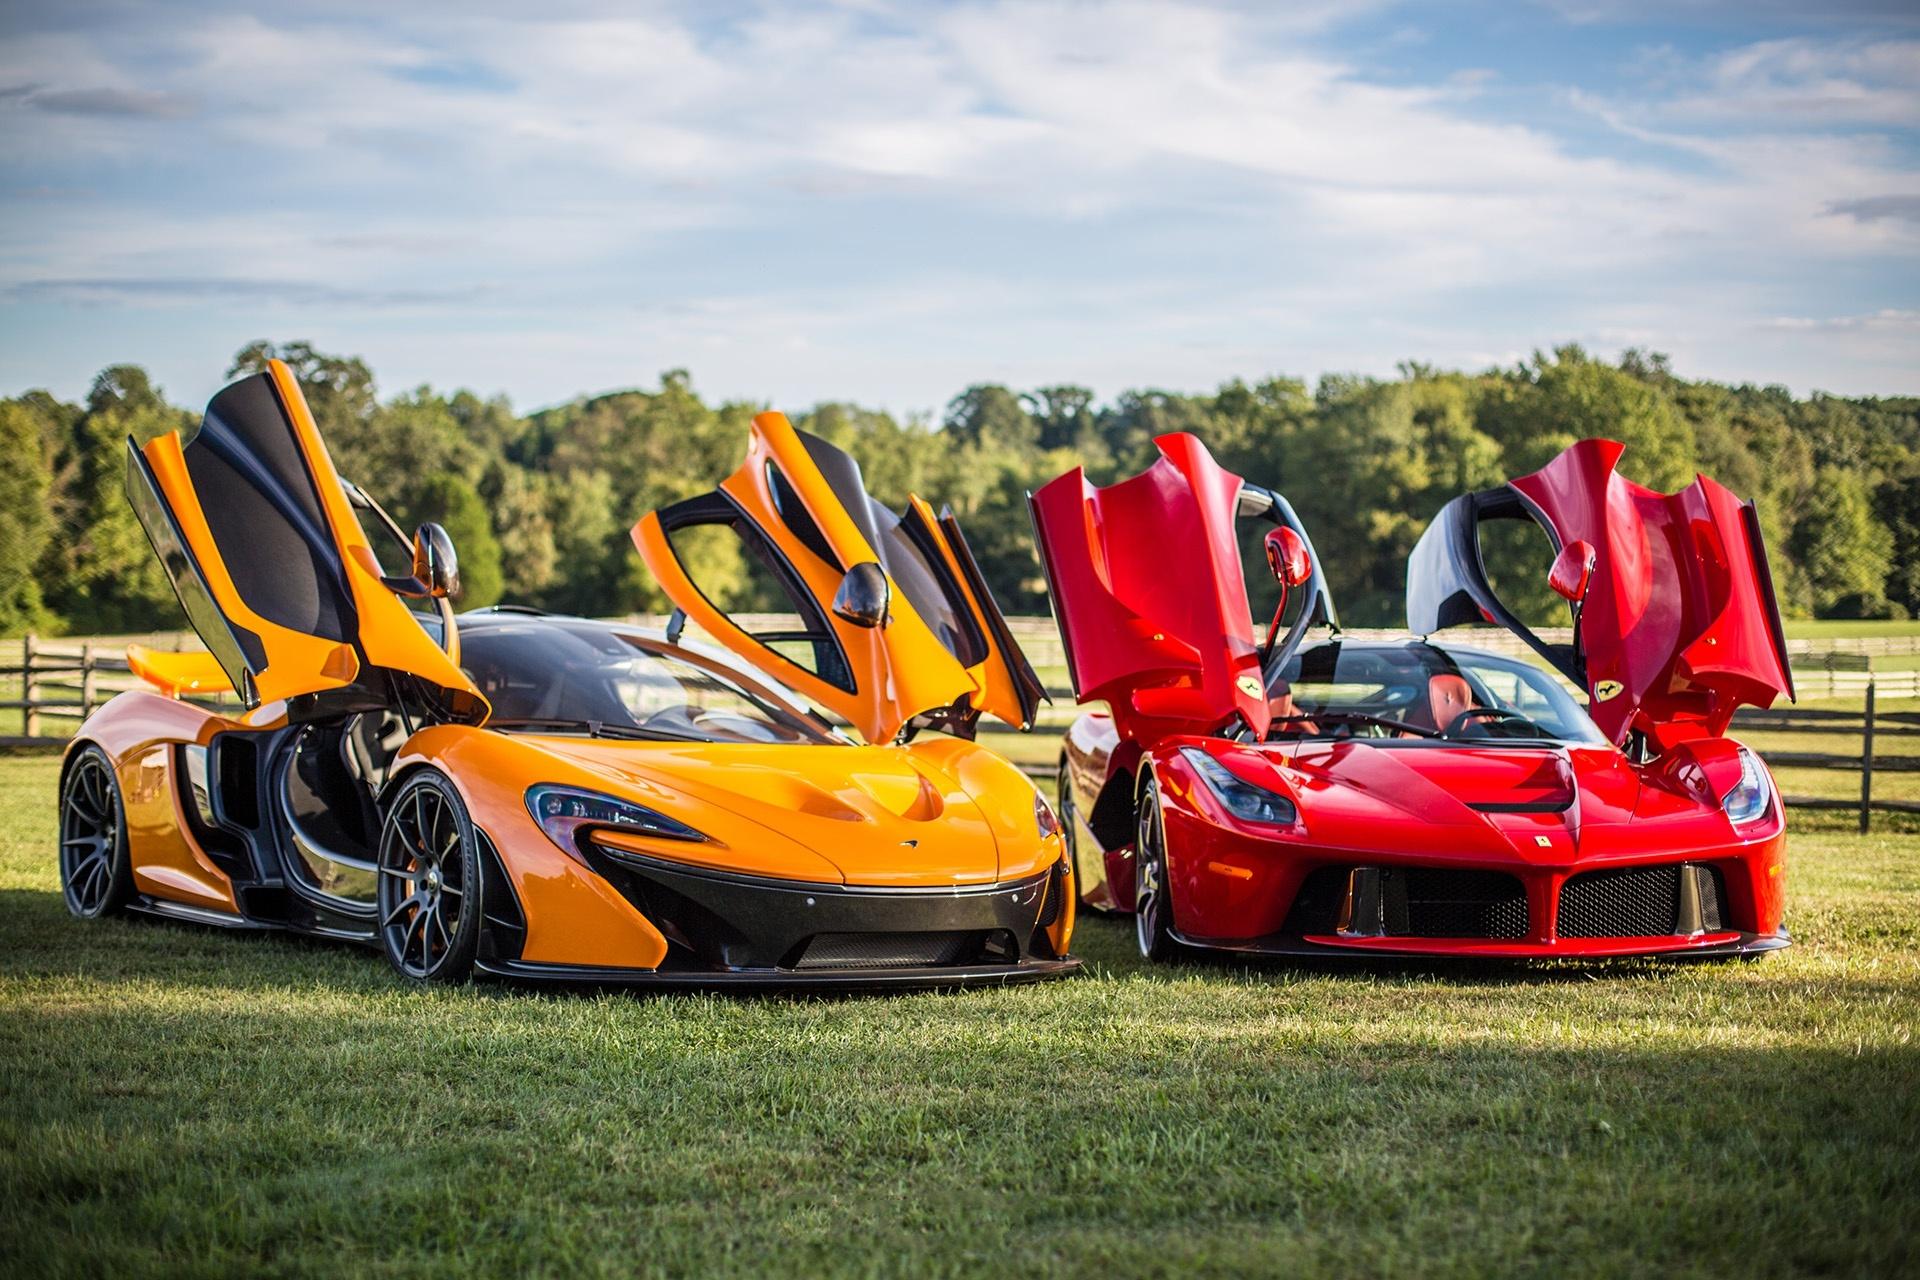 84610 download wallpaper Mclaren, Ferrari, Cars, P1, Laferrari screensavers and pictures for free